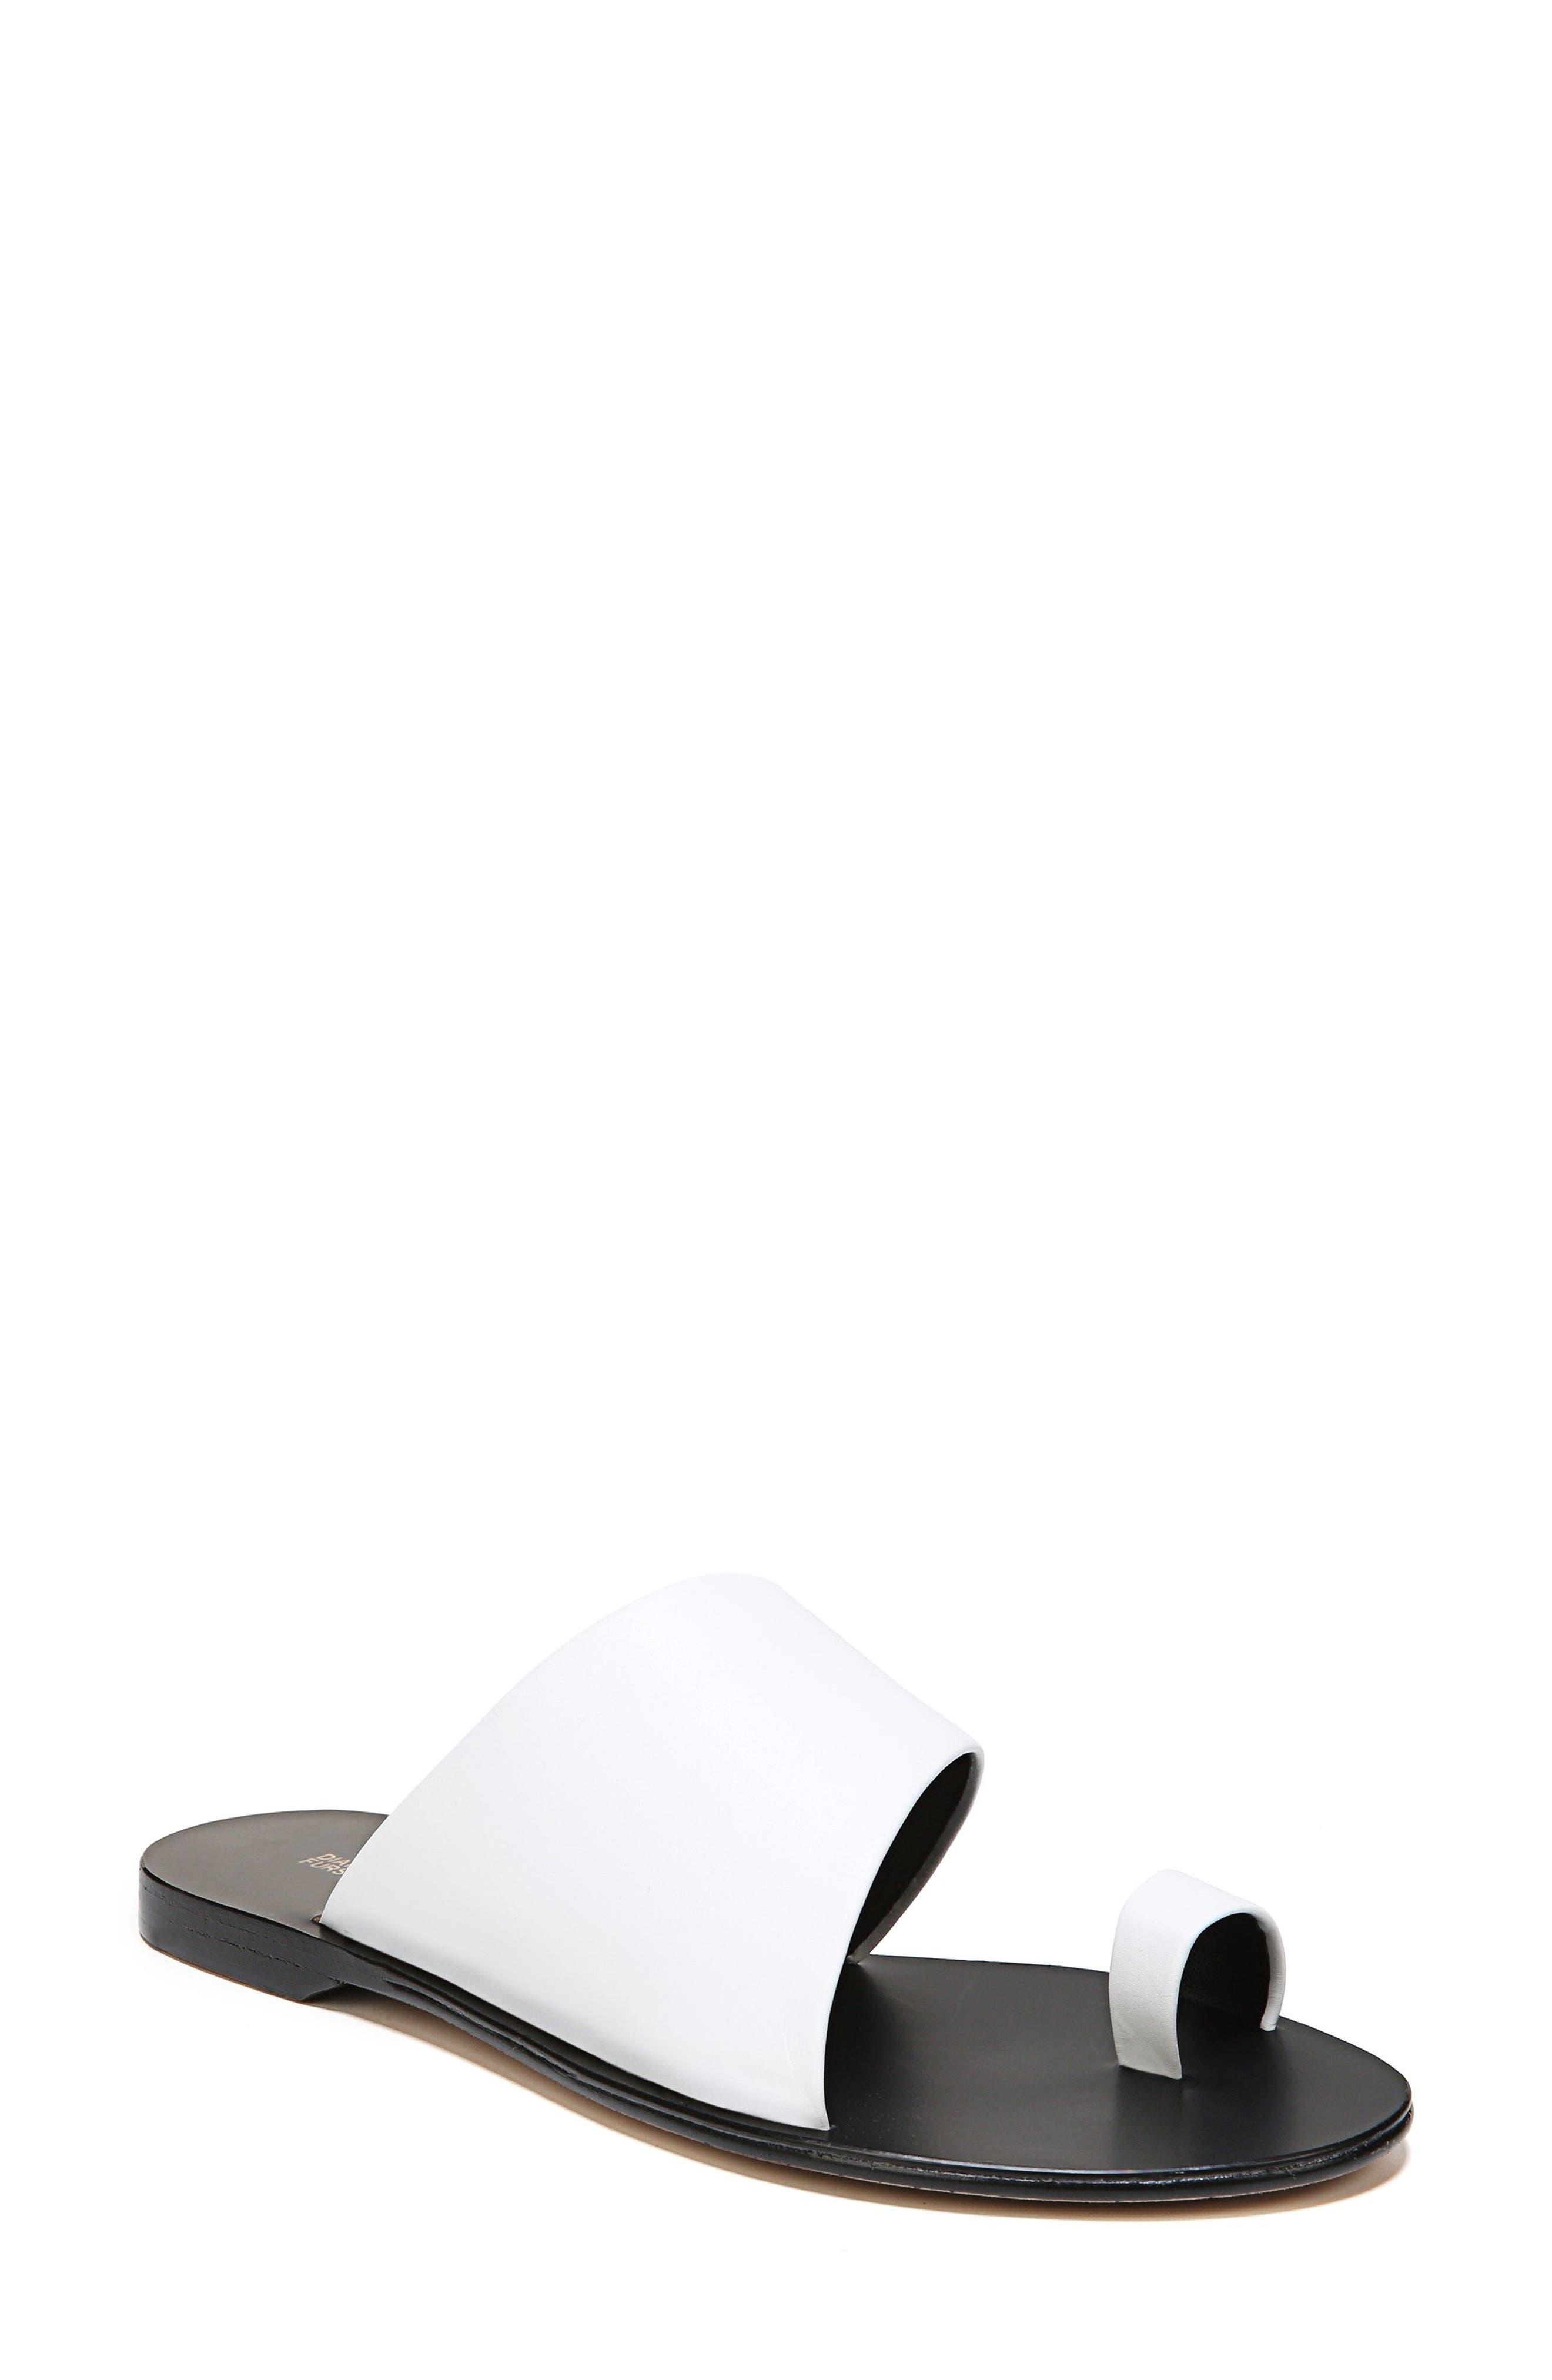 Diane Von Furstenberg Woman Farah Suede Slingback Sandals Black Size 9.5 Diane Von F Cheap Sale Geniue Stockist Outlet Big Discount Z0PCb6